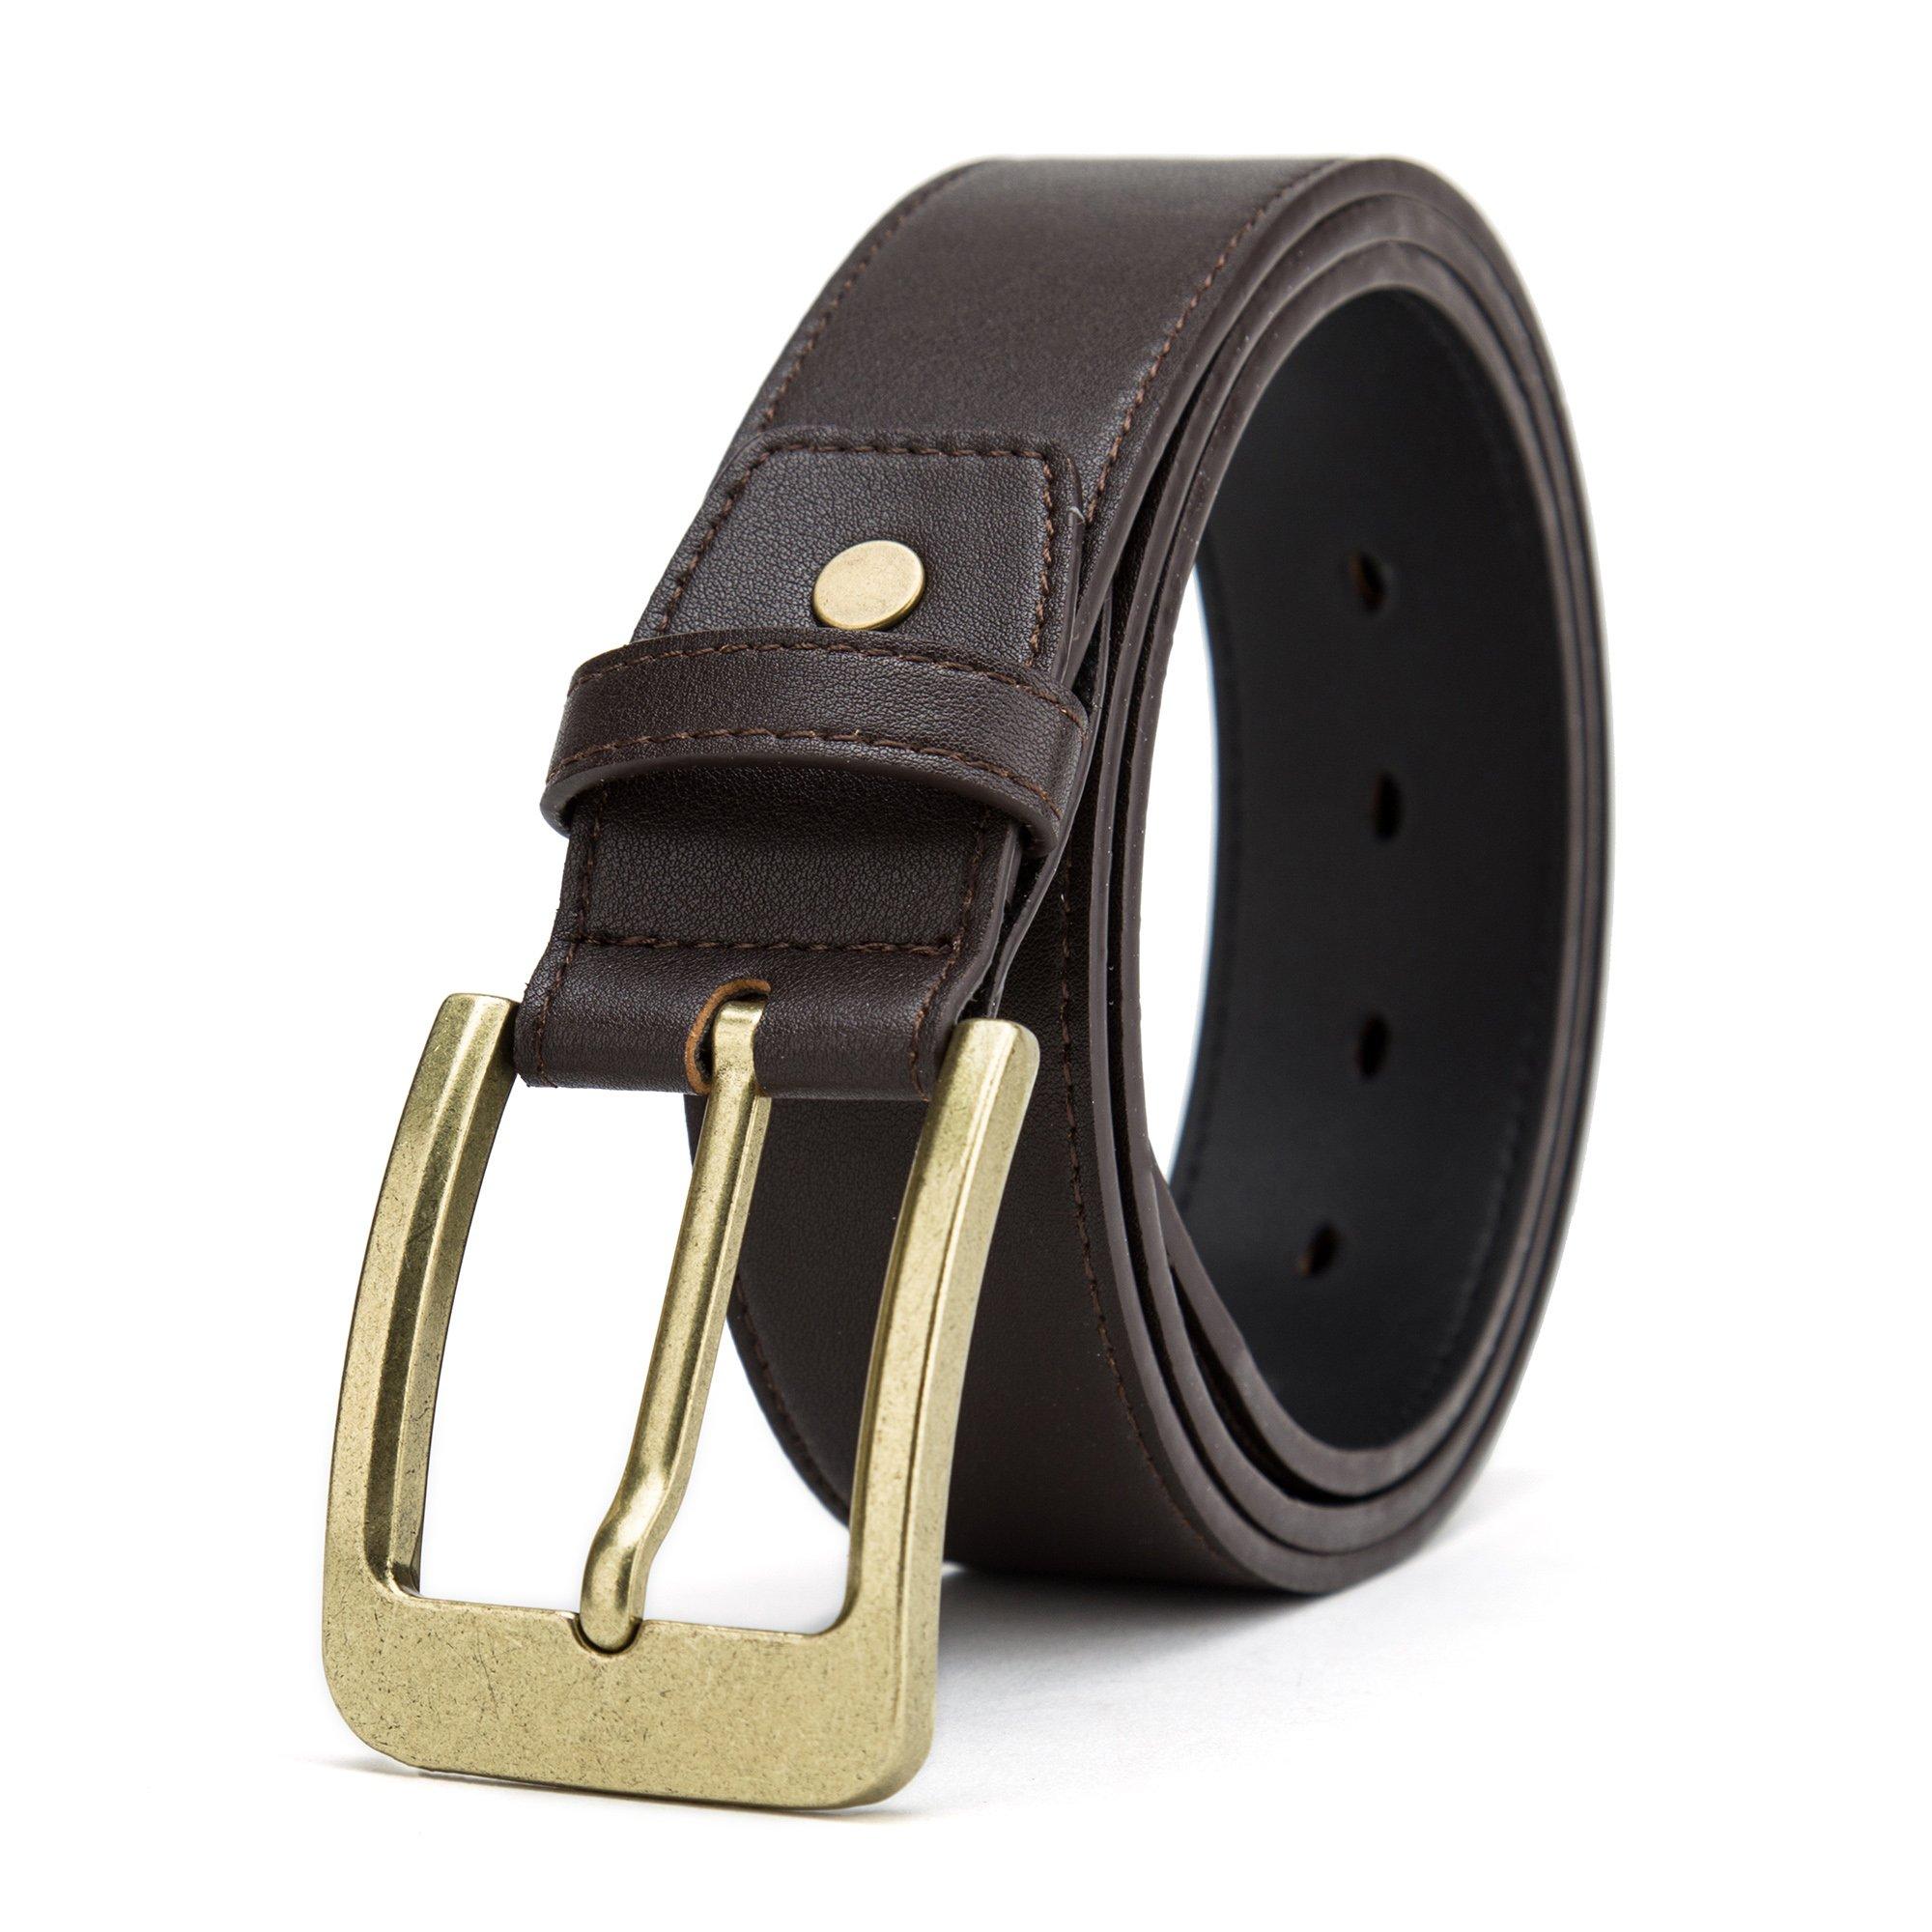 Gurscour Belts for Men Business Leather Belt Formal Dress Width 1 1/2'' (38mm) Dark Brown 120cm (39''-43'')